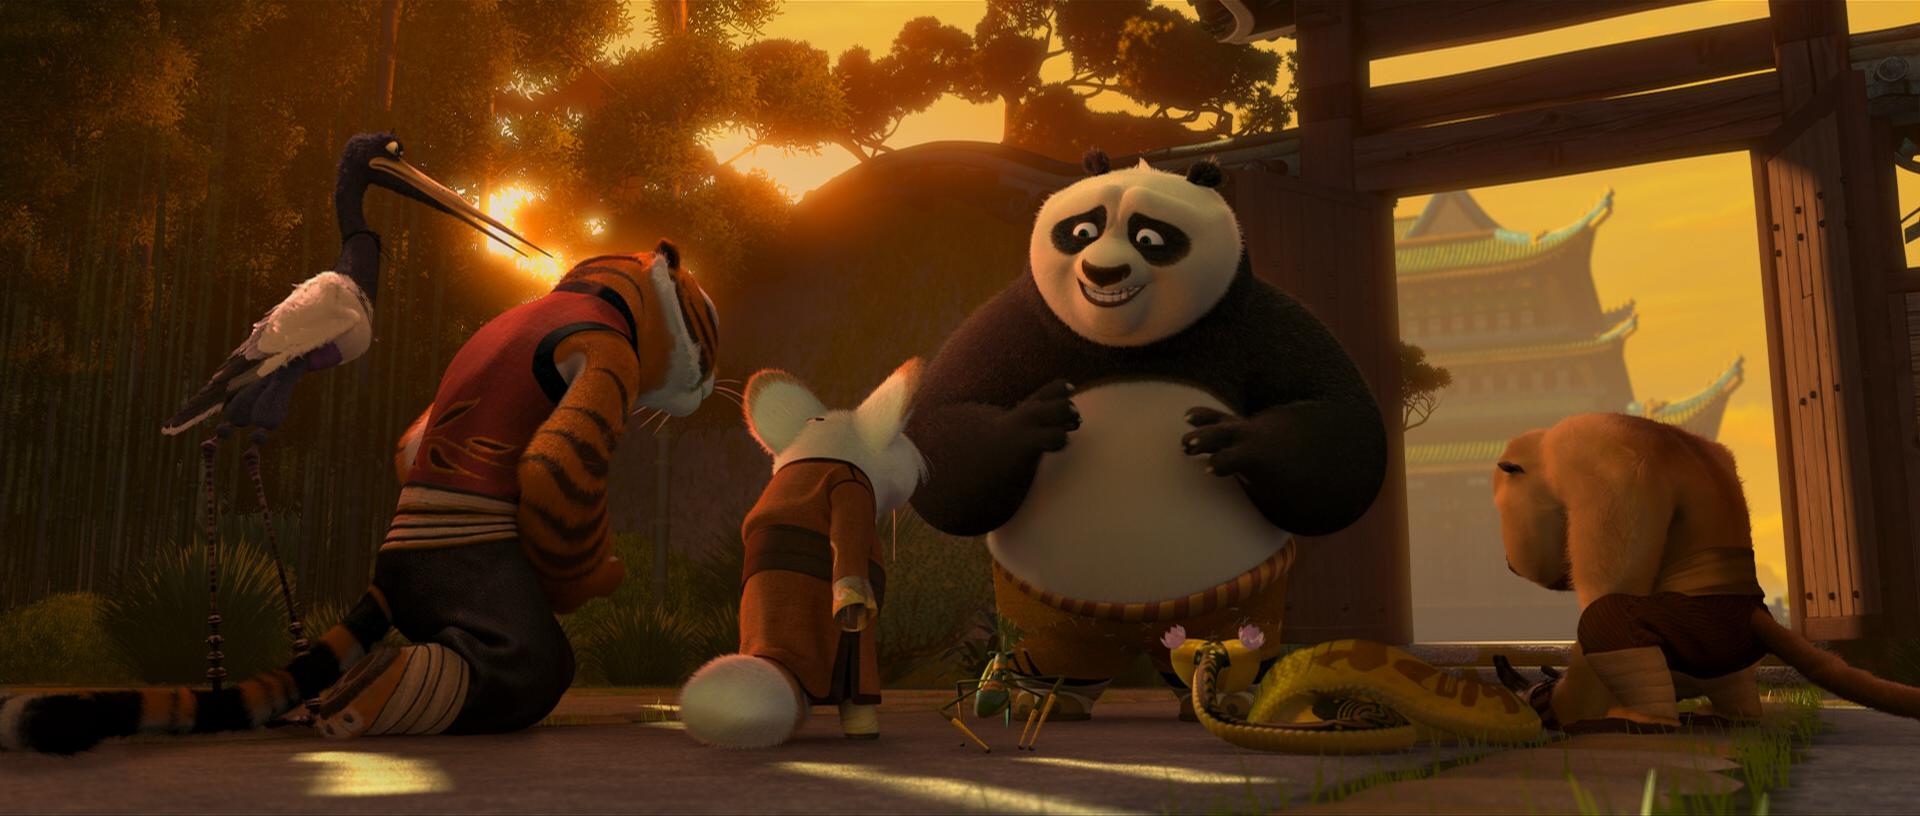 Fiveshifupo - Kung fu panda shifu ...